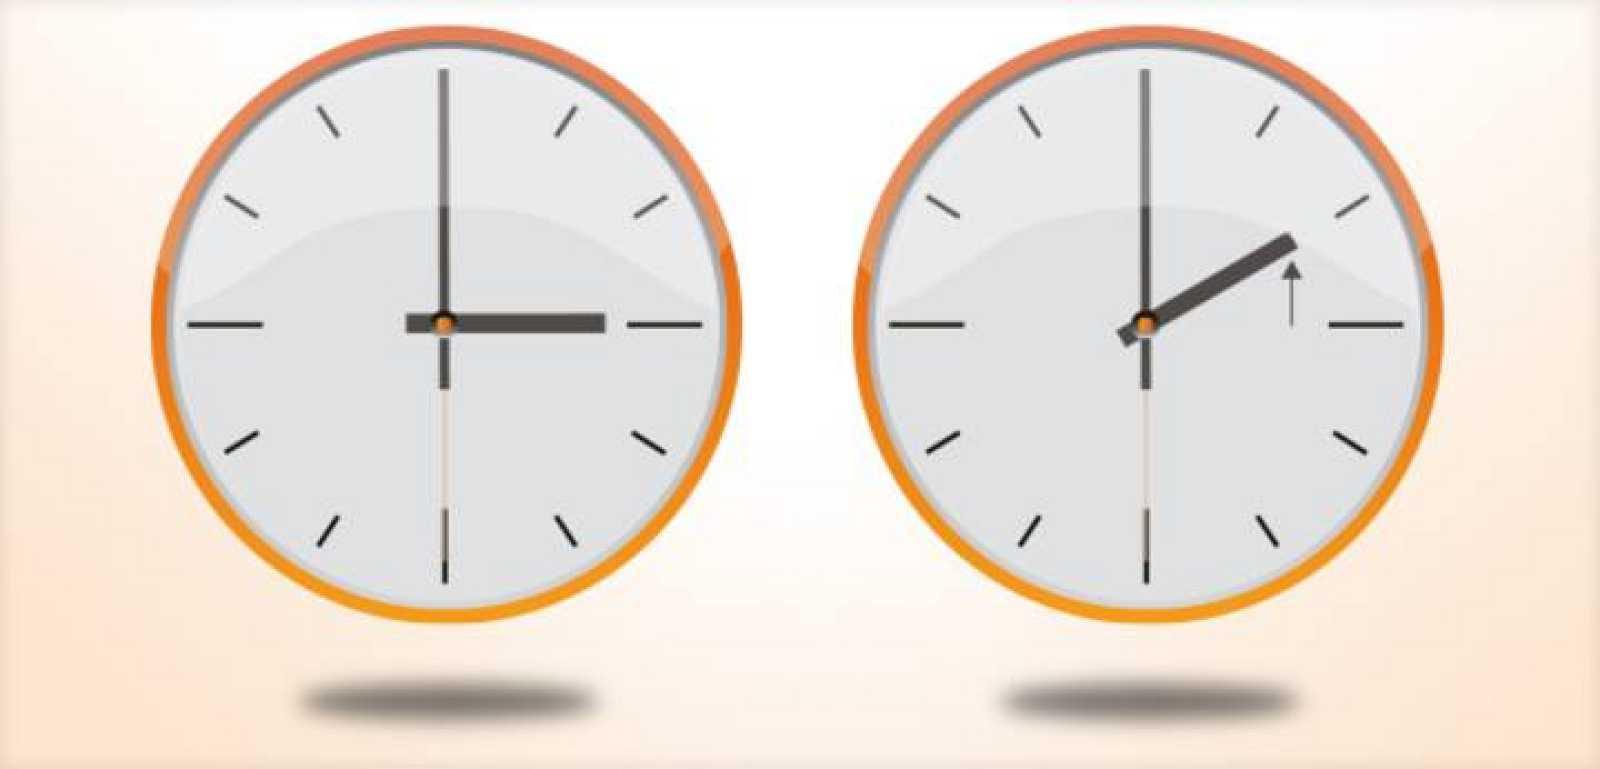 Este domingo los relojes se atrasan una hora: a las 3:00 volverán a ser las 2:00.